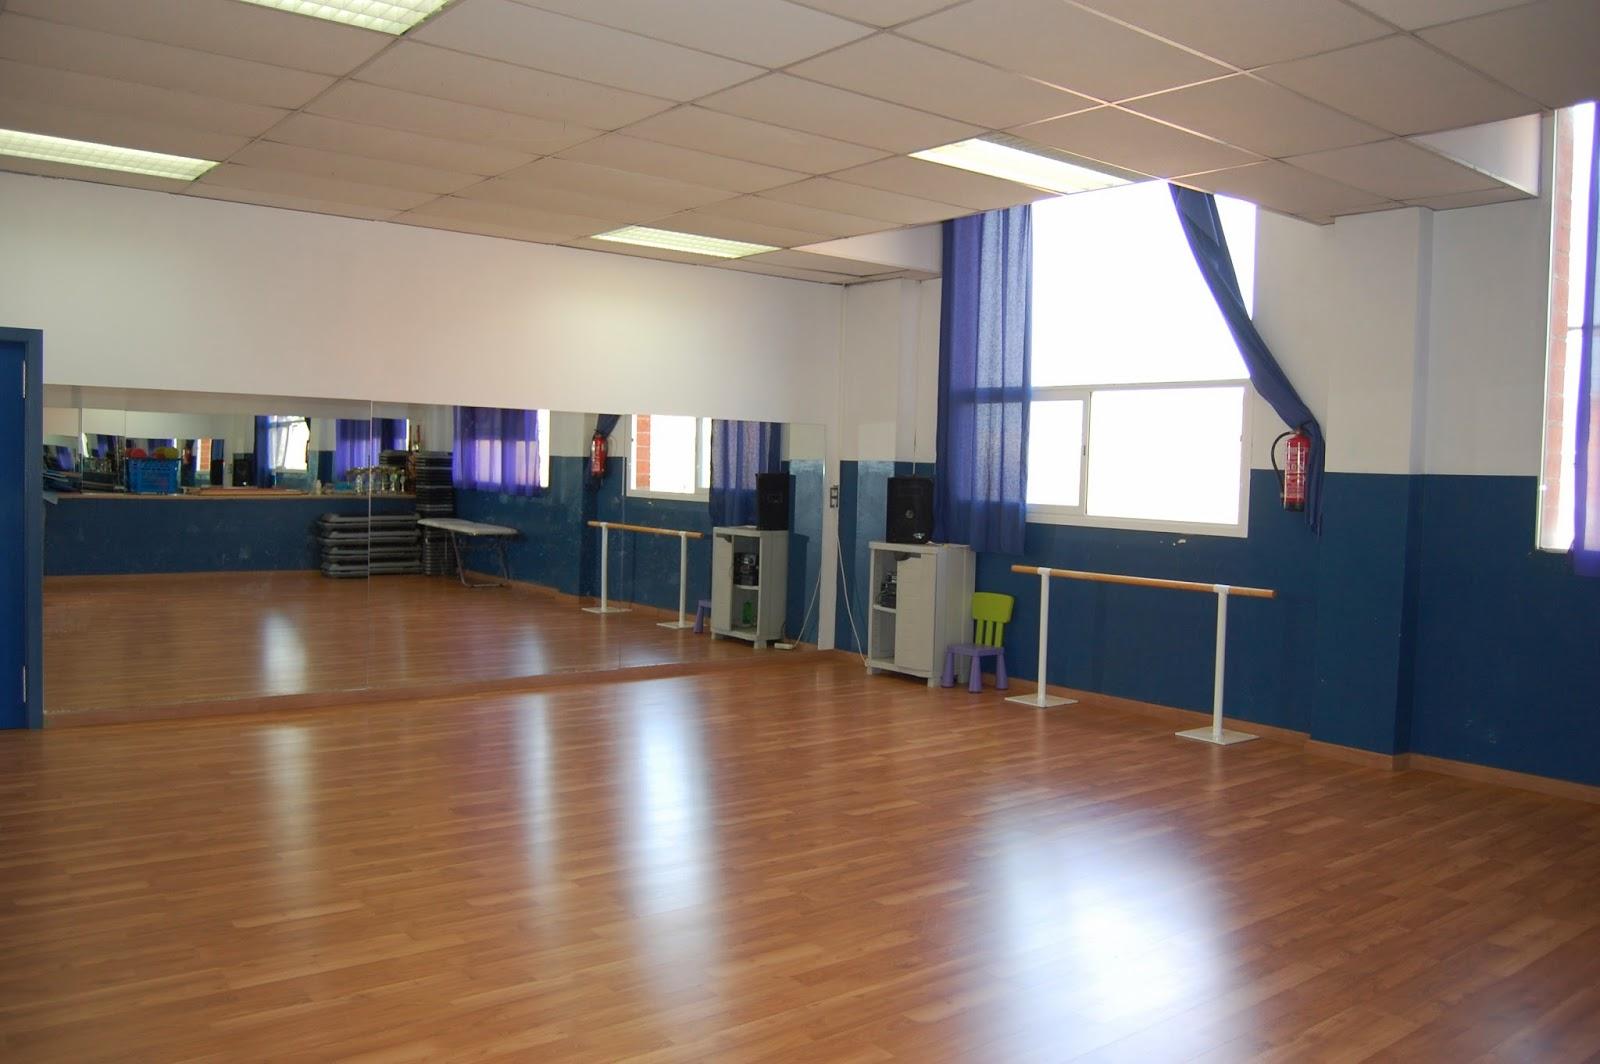 Como Iniciar un Negocio de Escuela de Danza o de Baile